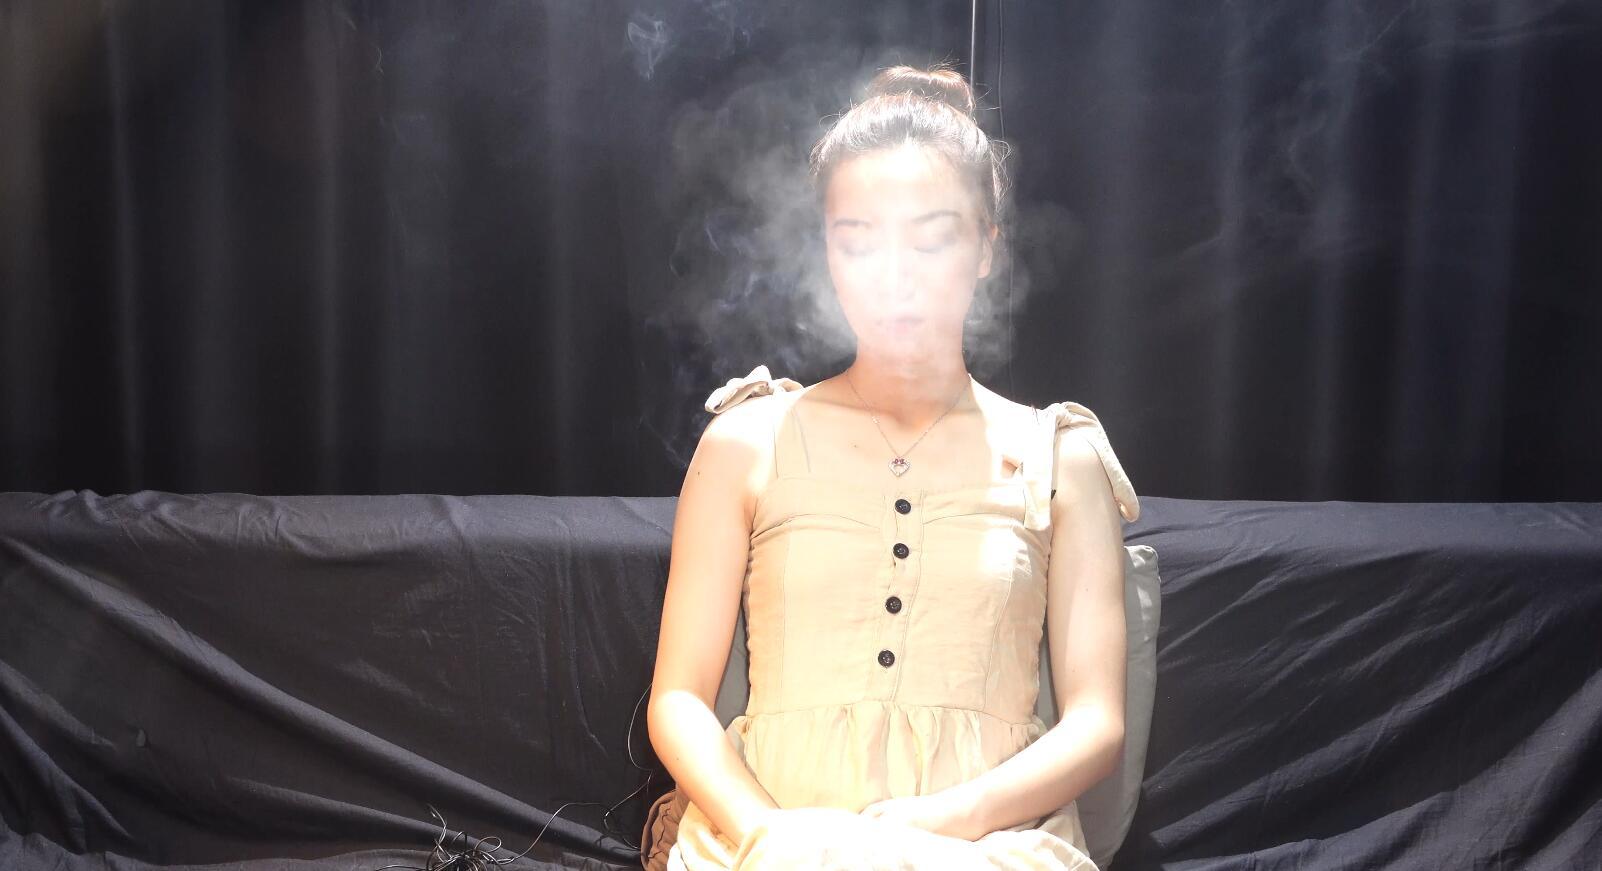 丸子头美女抽烟第三集